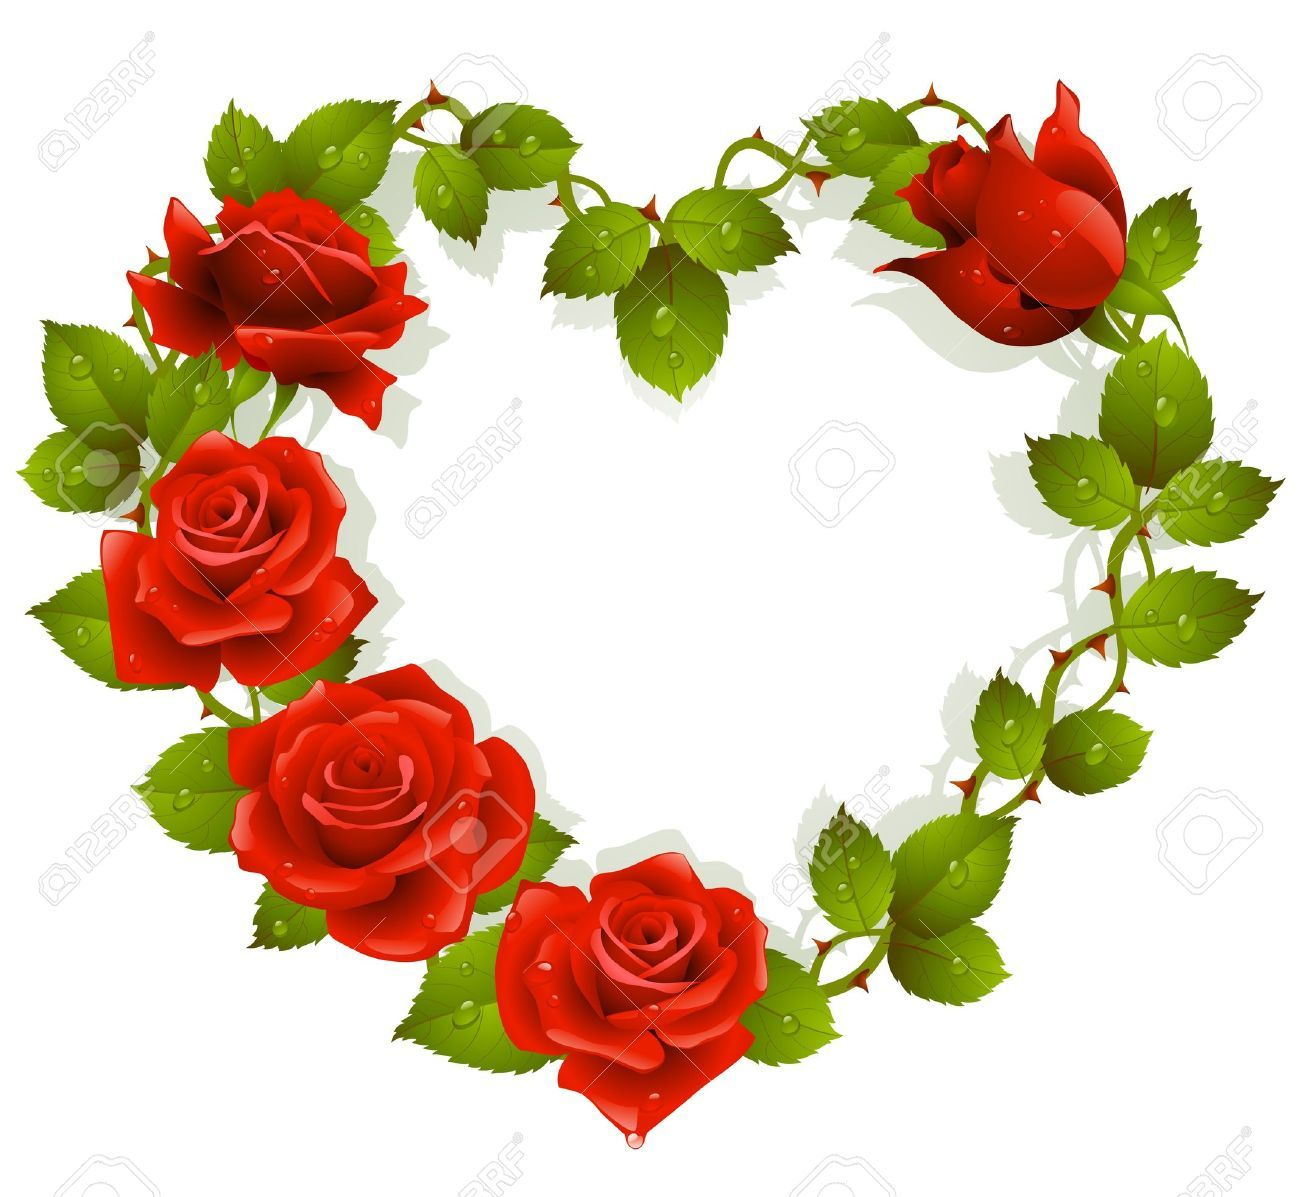 Framework From Red Roses In The Shape Of Heart Flower Heart Red Roses Rose